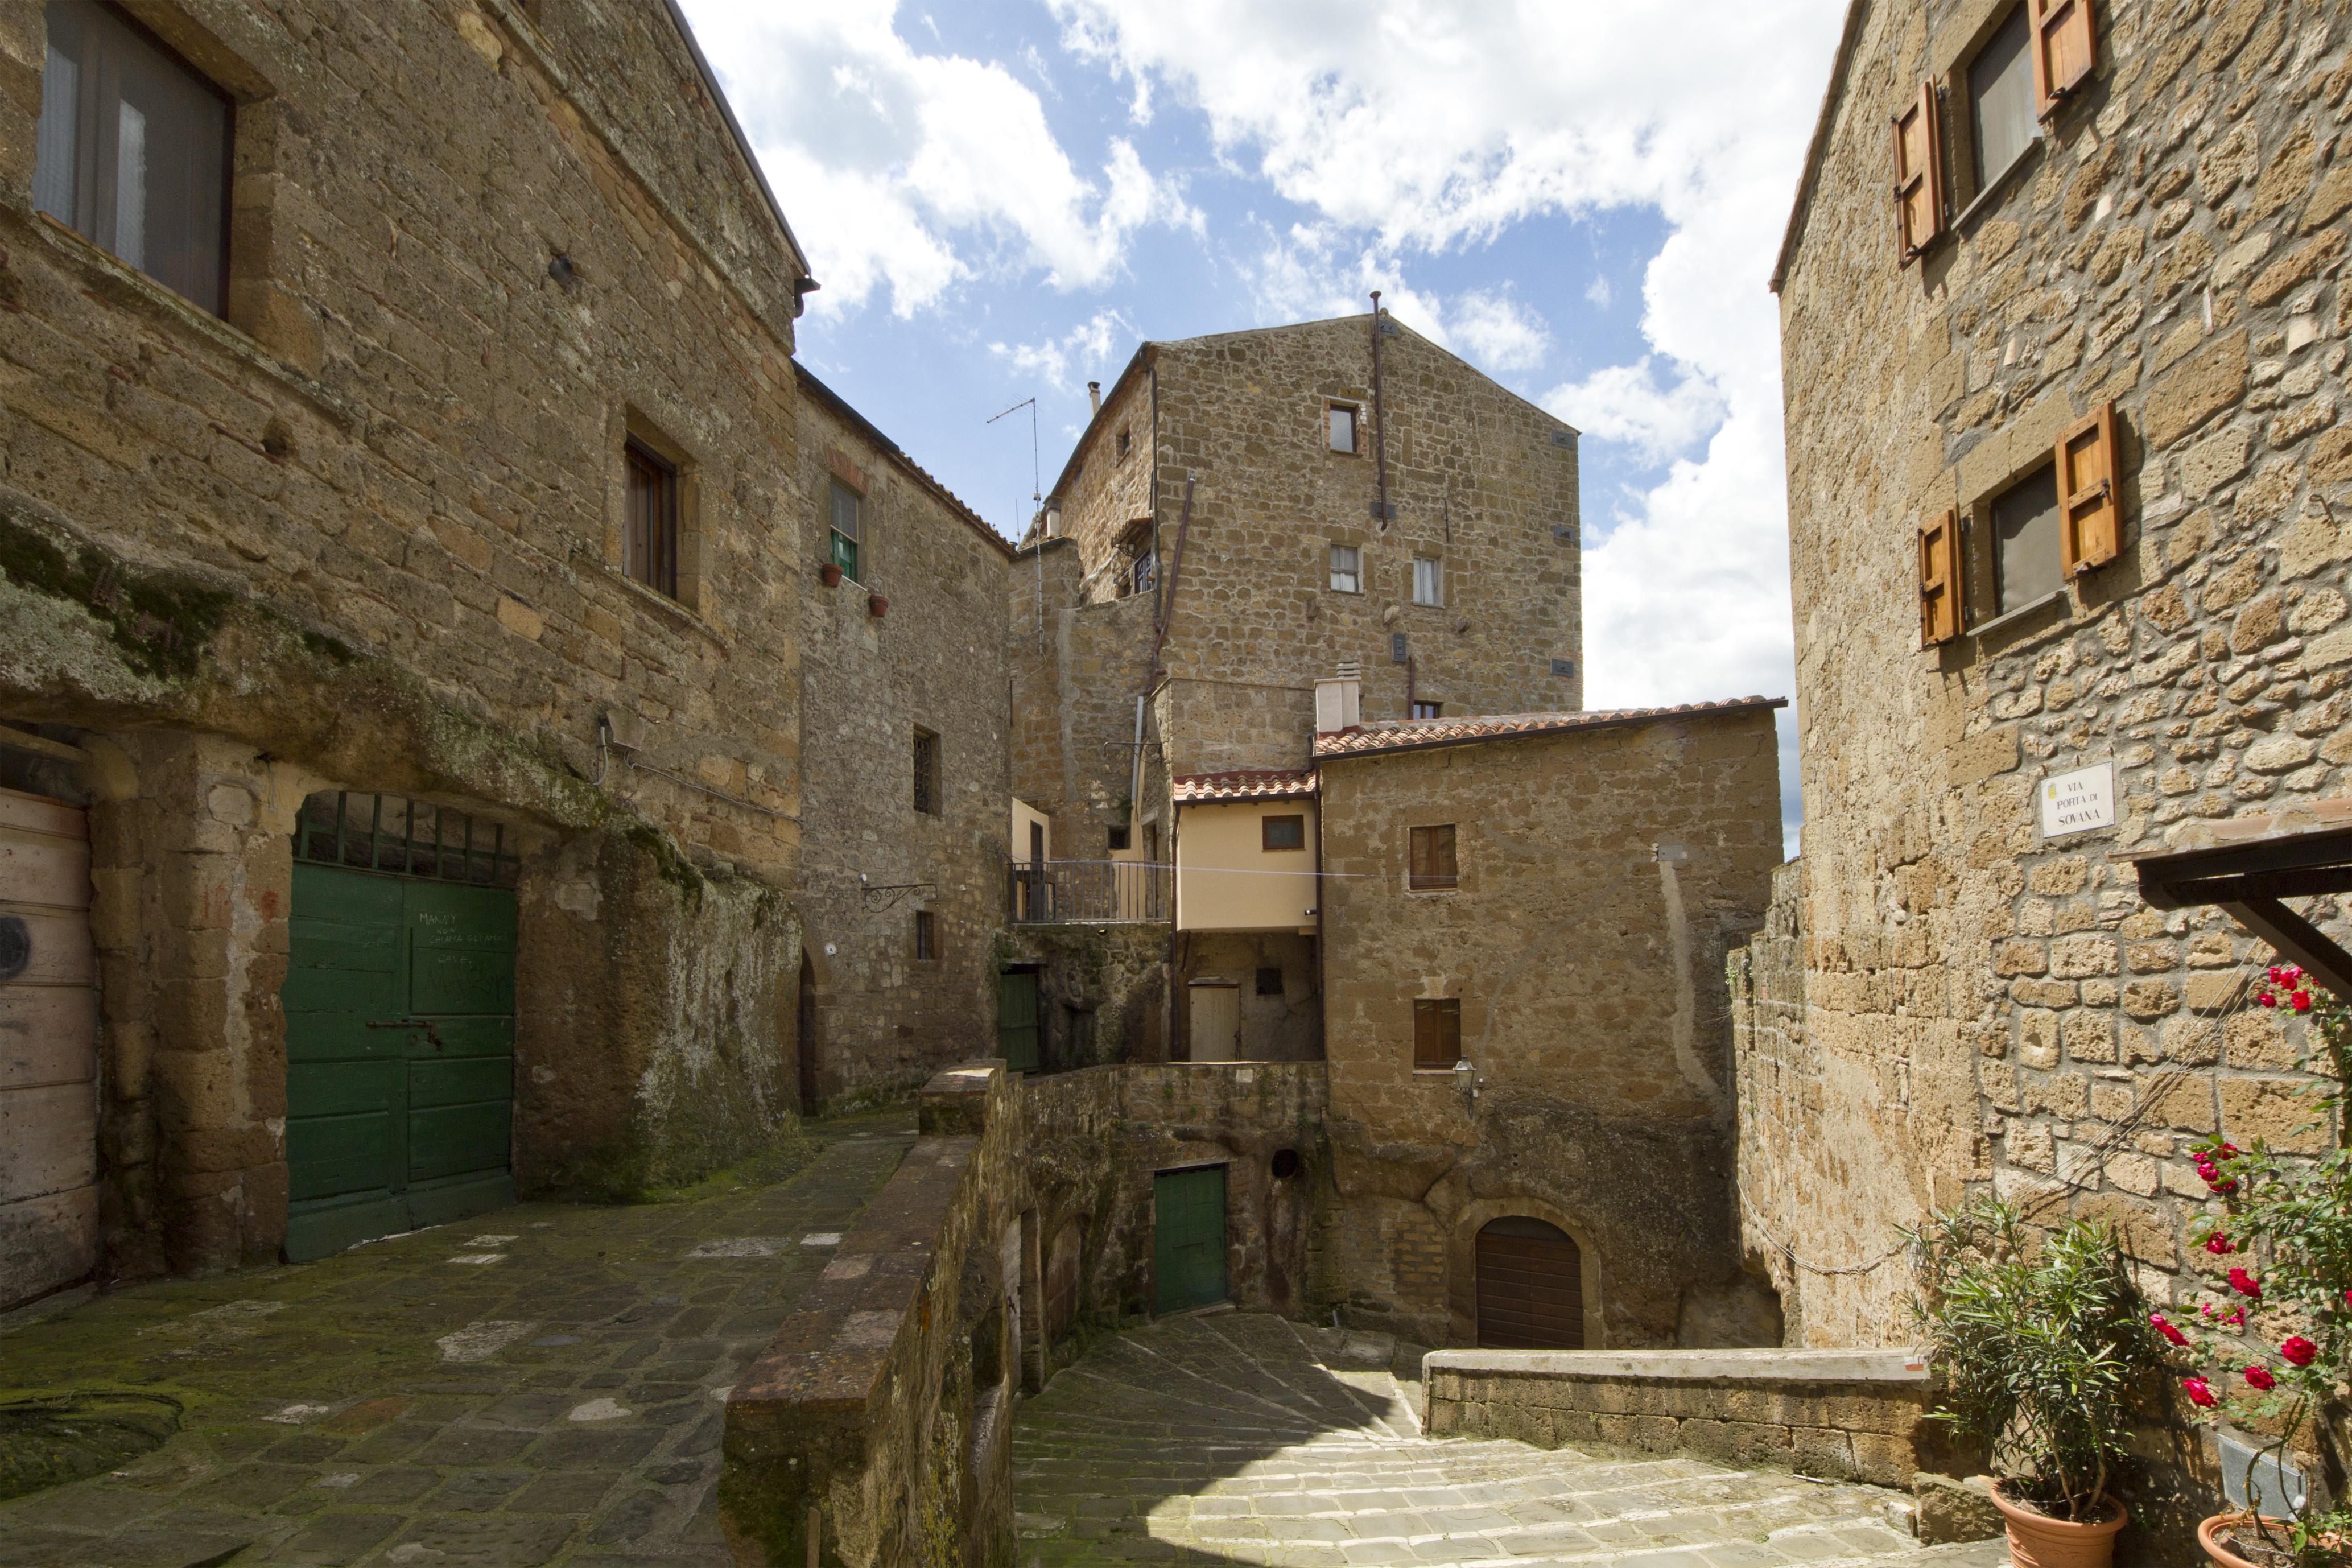 Via Porta di Sovana, Pitigliano, Grosseto, Tuscany, Italy - panoramio.jpg